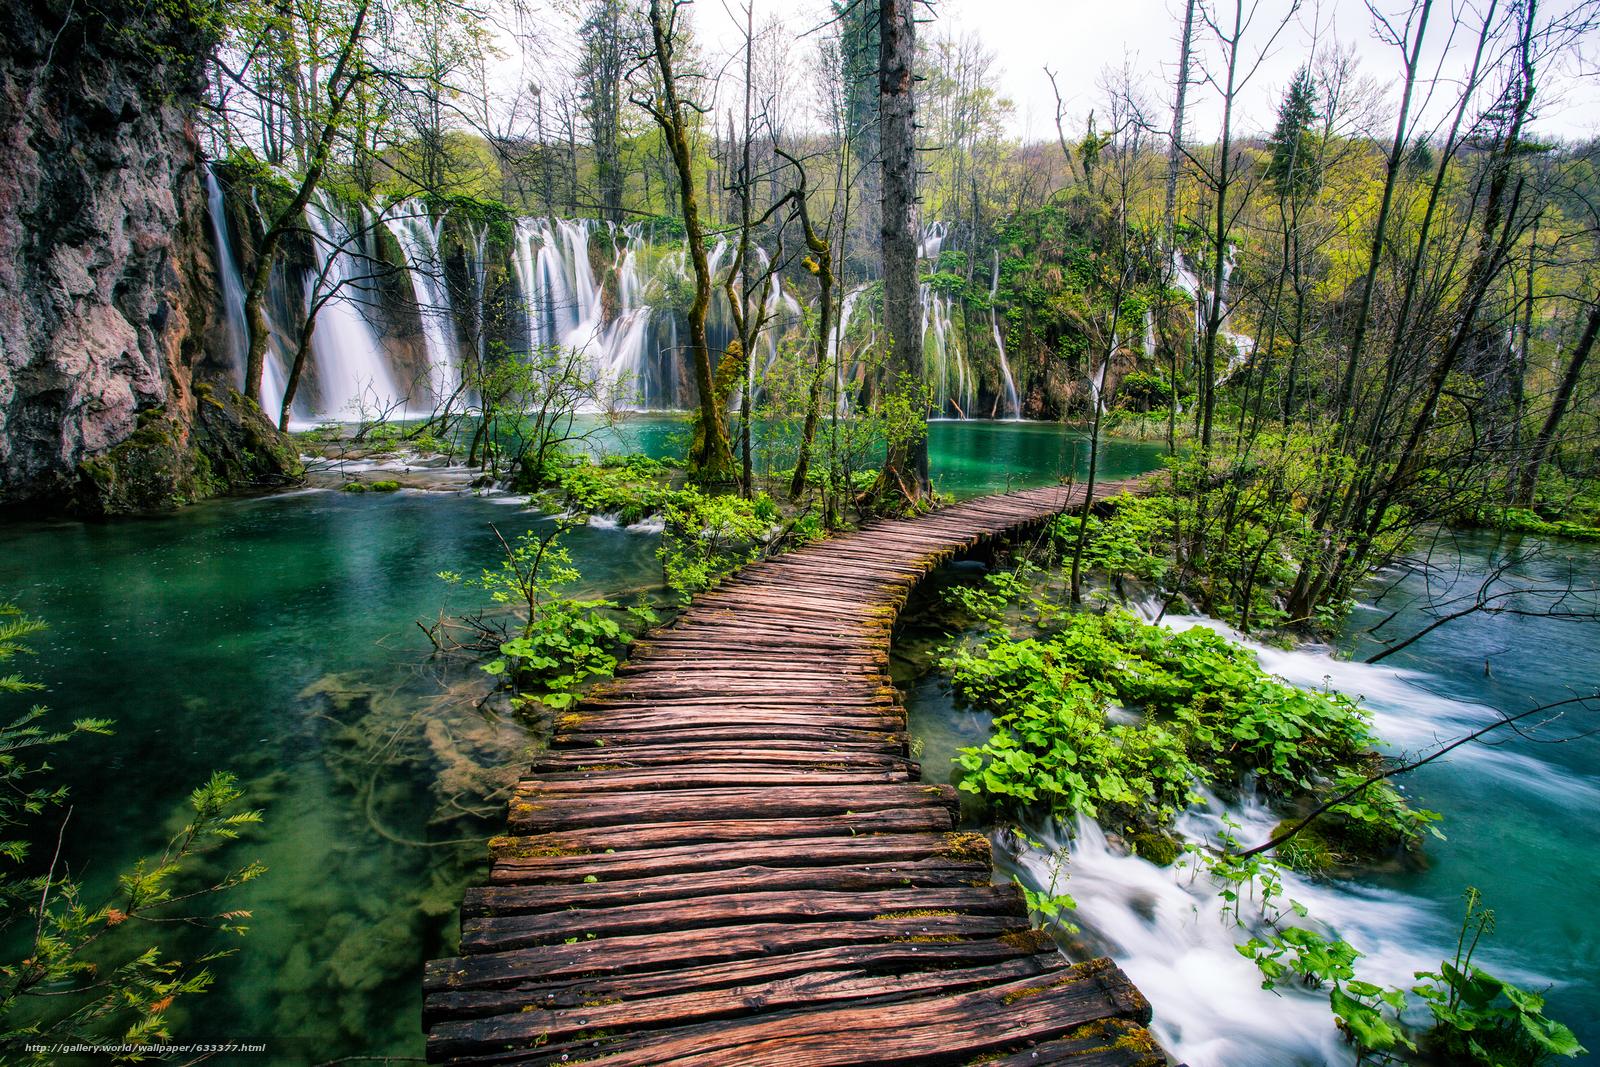 Tlcharger Fond D Ecran Les Lacs De Plitvice Croatie